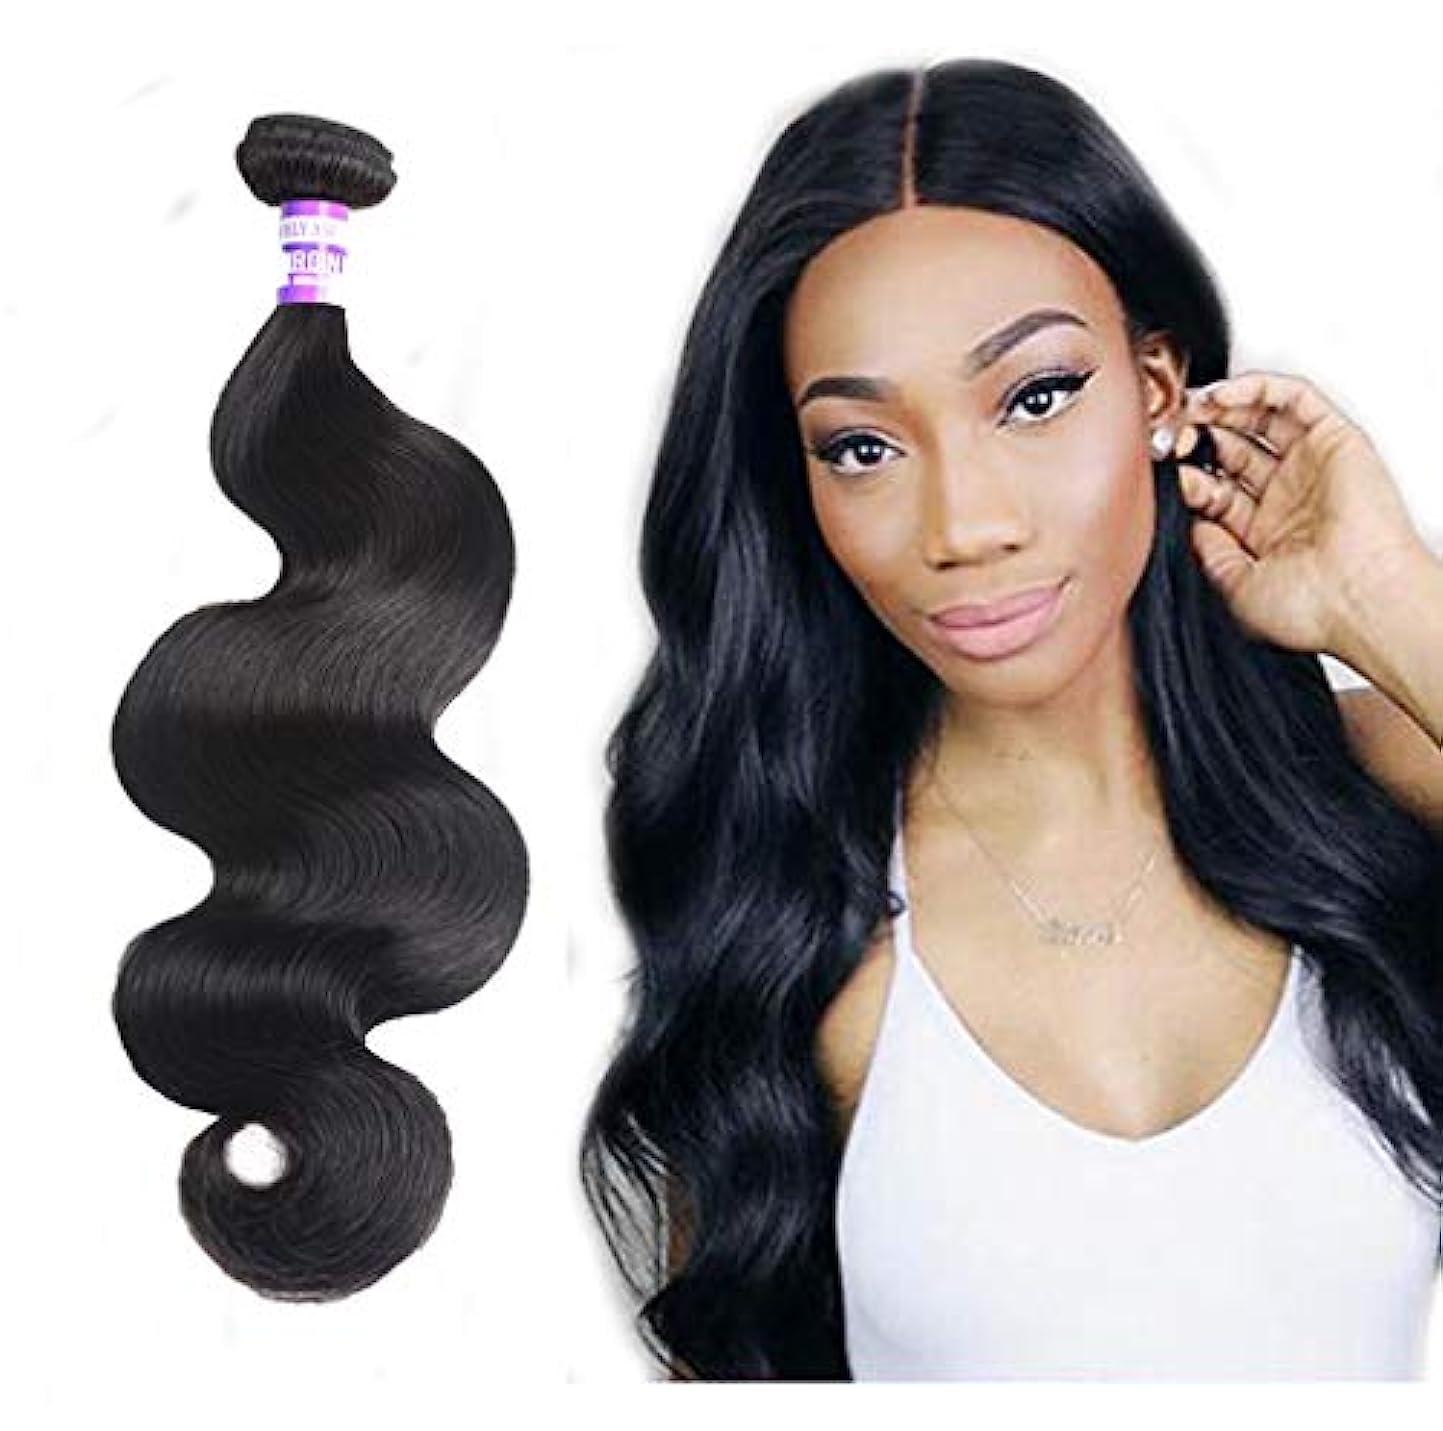 対話論理的流体女性ブラジルカーリーバンドルディープウェーブバンドル100%ブラジルレミーカーリー人間の髪織りブラジルヘアバンドル(3バンドル)